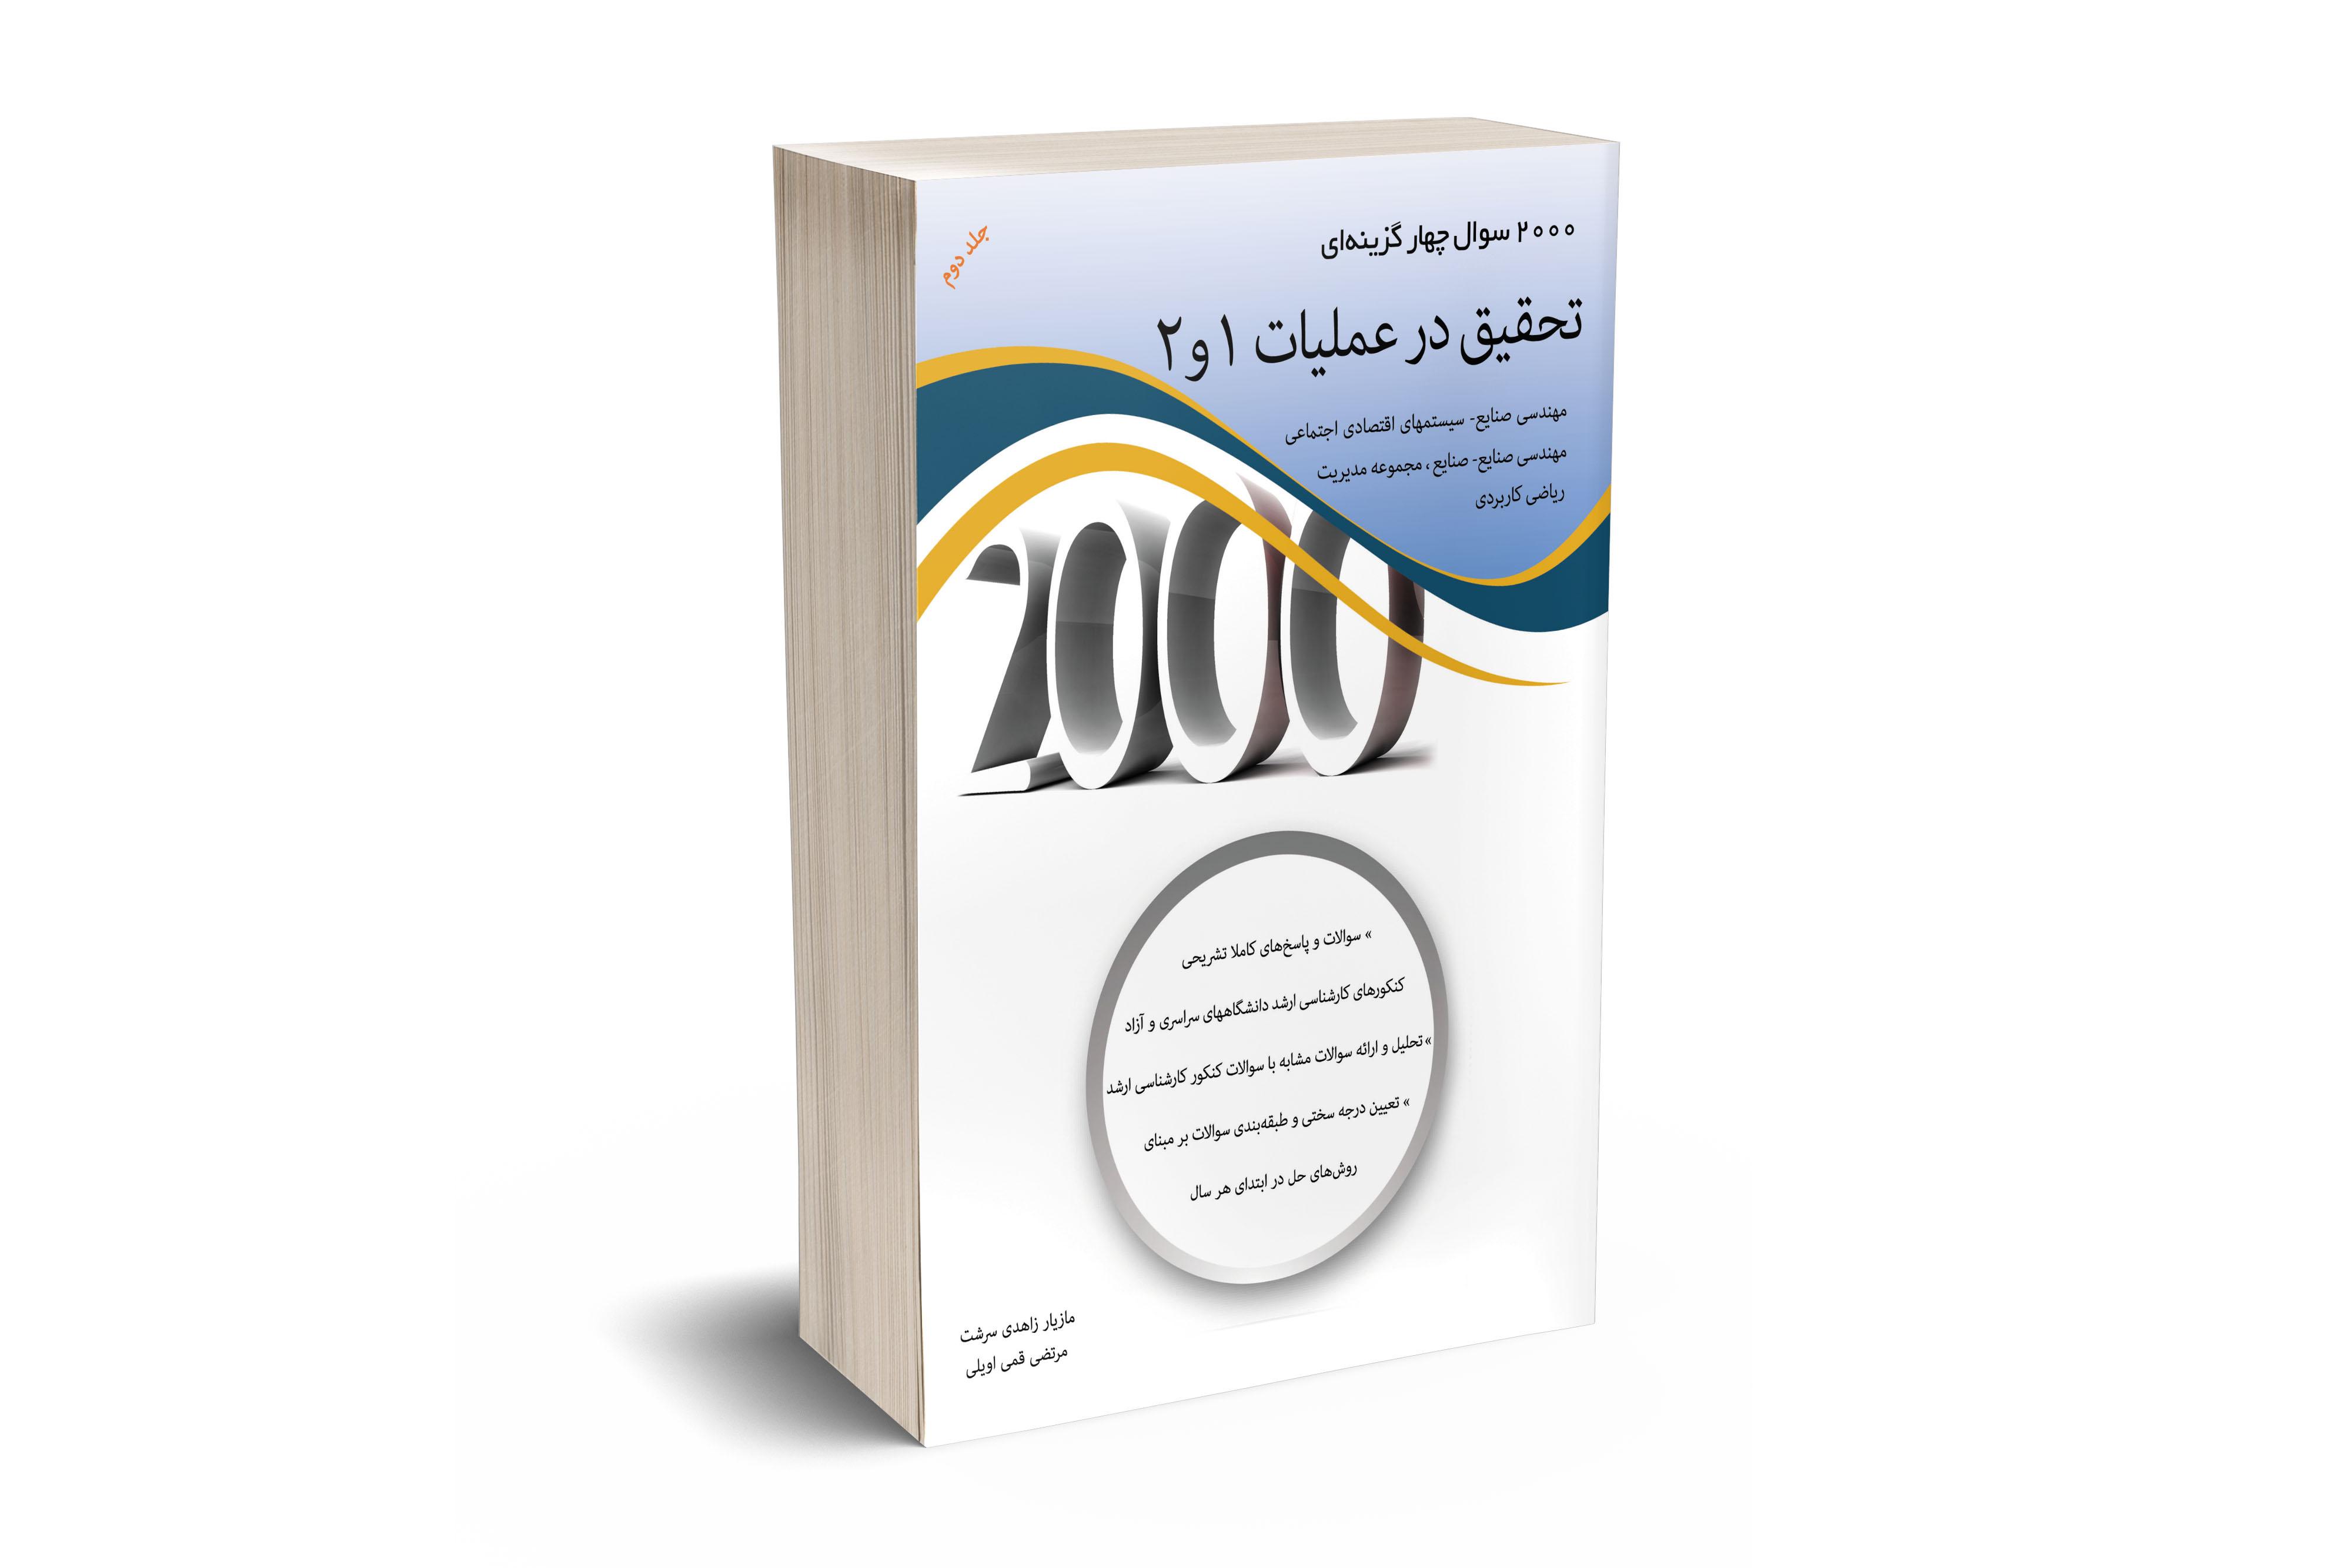 2000 سوال چهار گزینه ای تحقیق در عملیات 1 و 2 جلد دوم